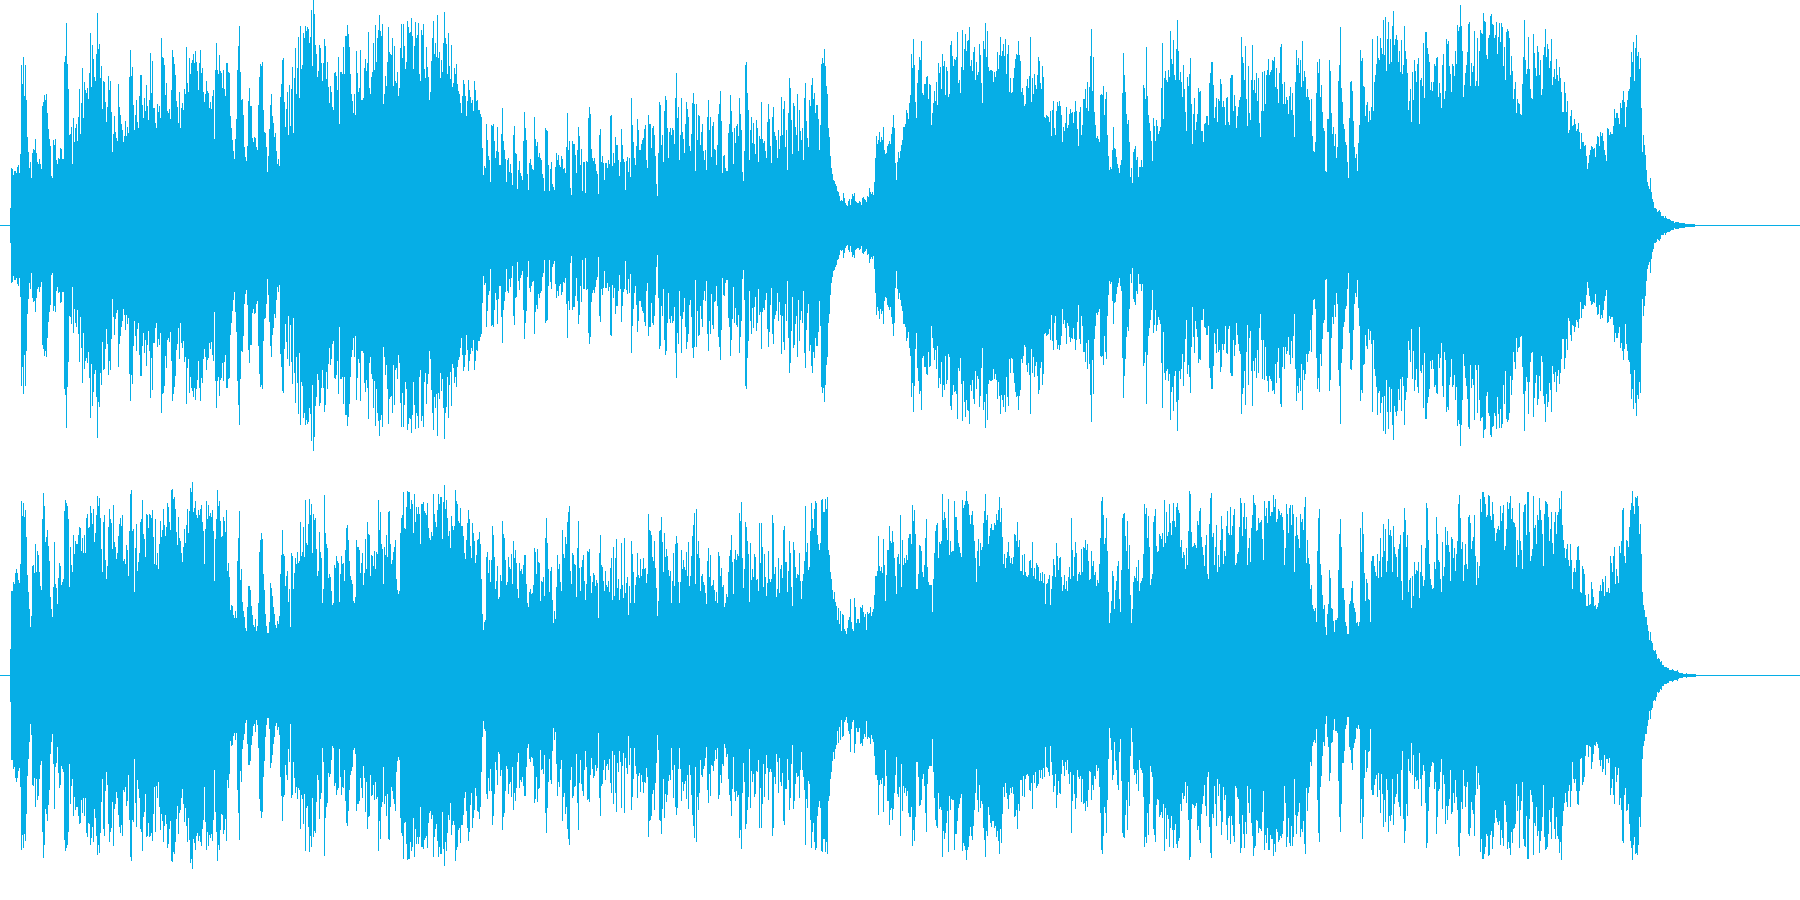 奔放なオーケストラ・サウンドの再生済みの波形